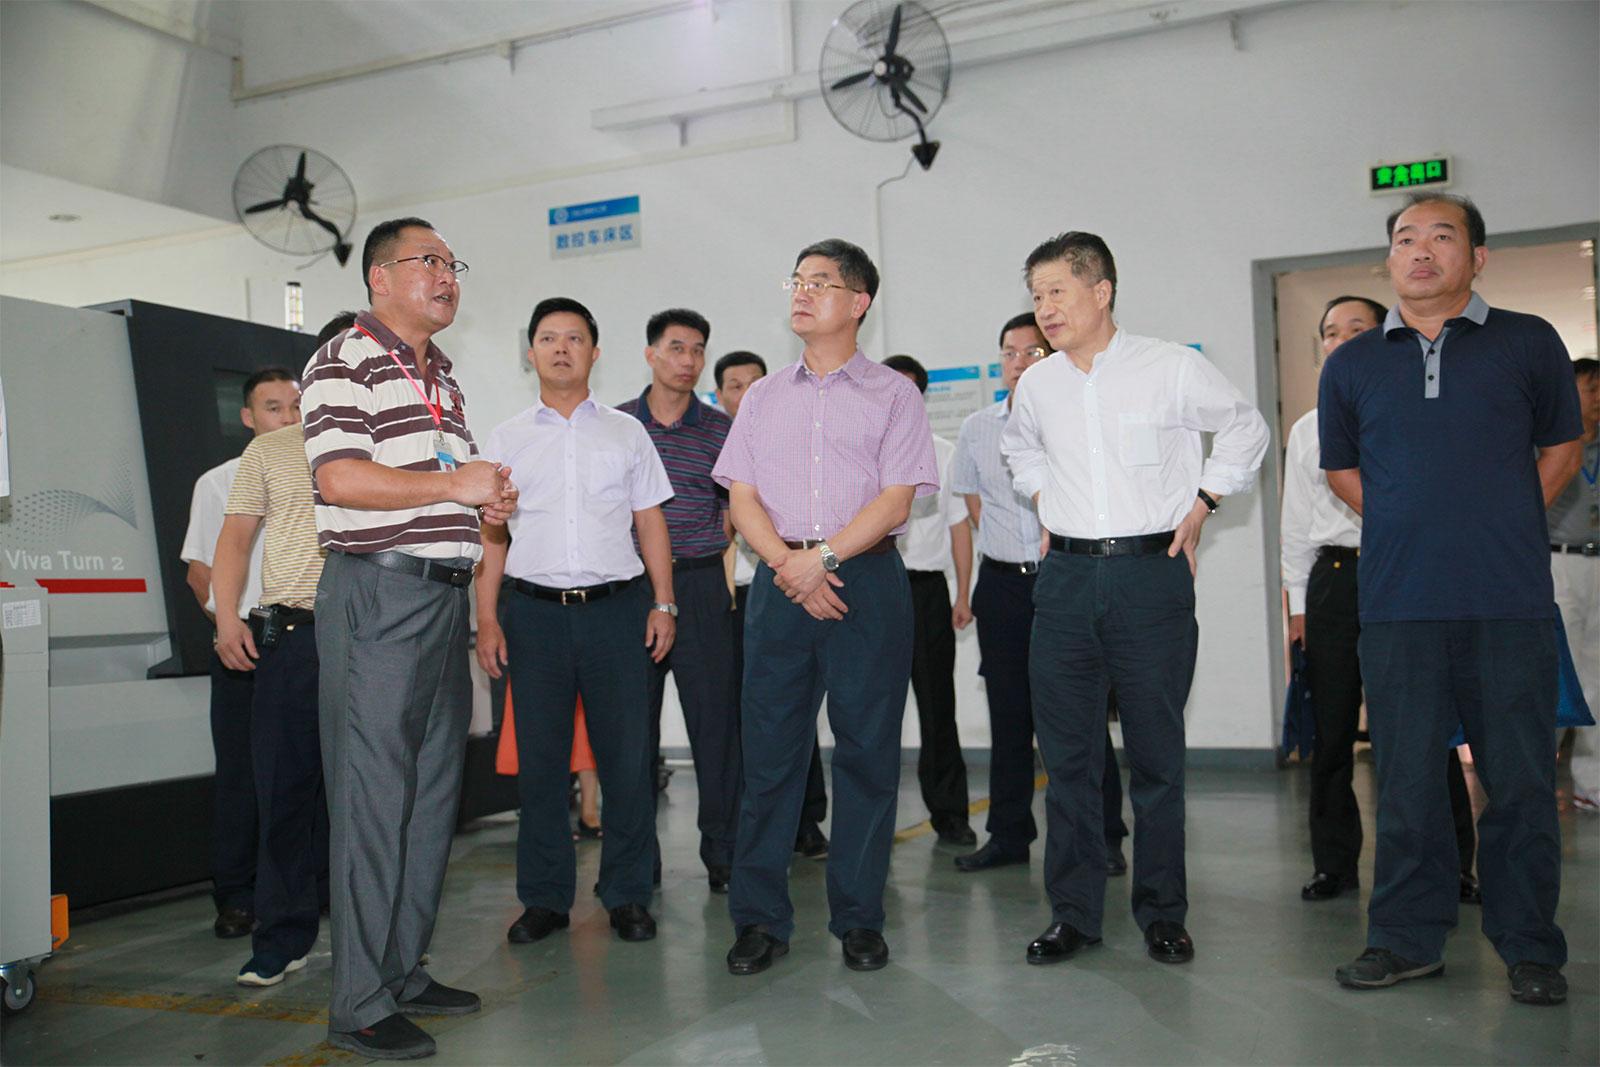 省人社厅厅长黄汉标、巡视员张凤岐、副厅长